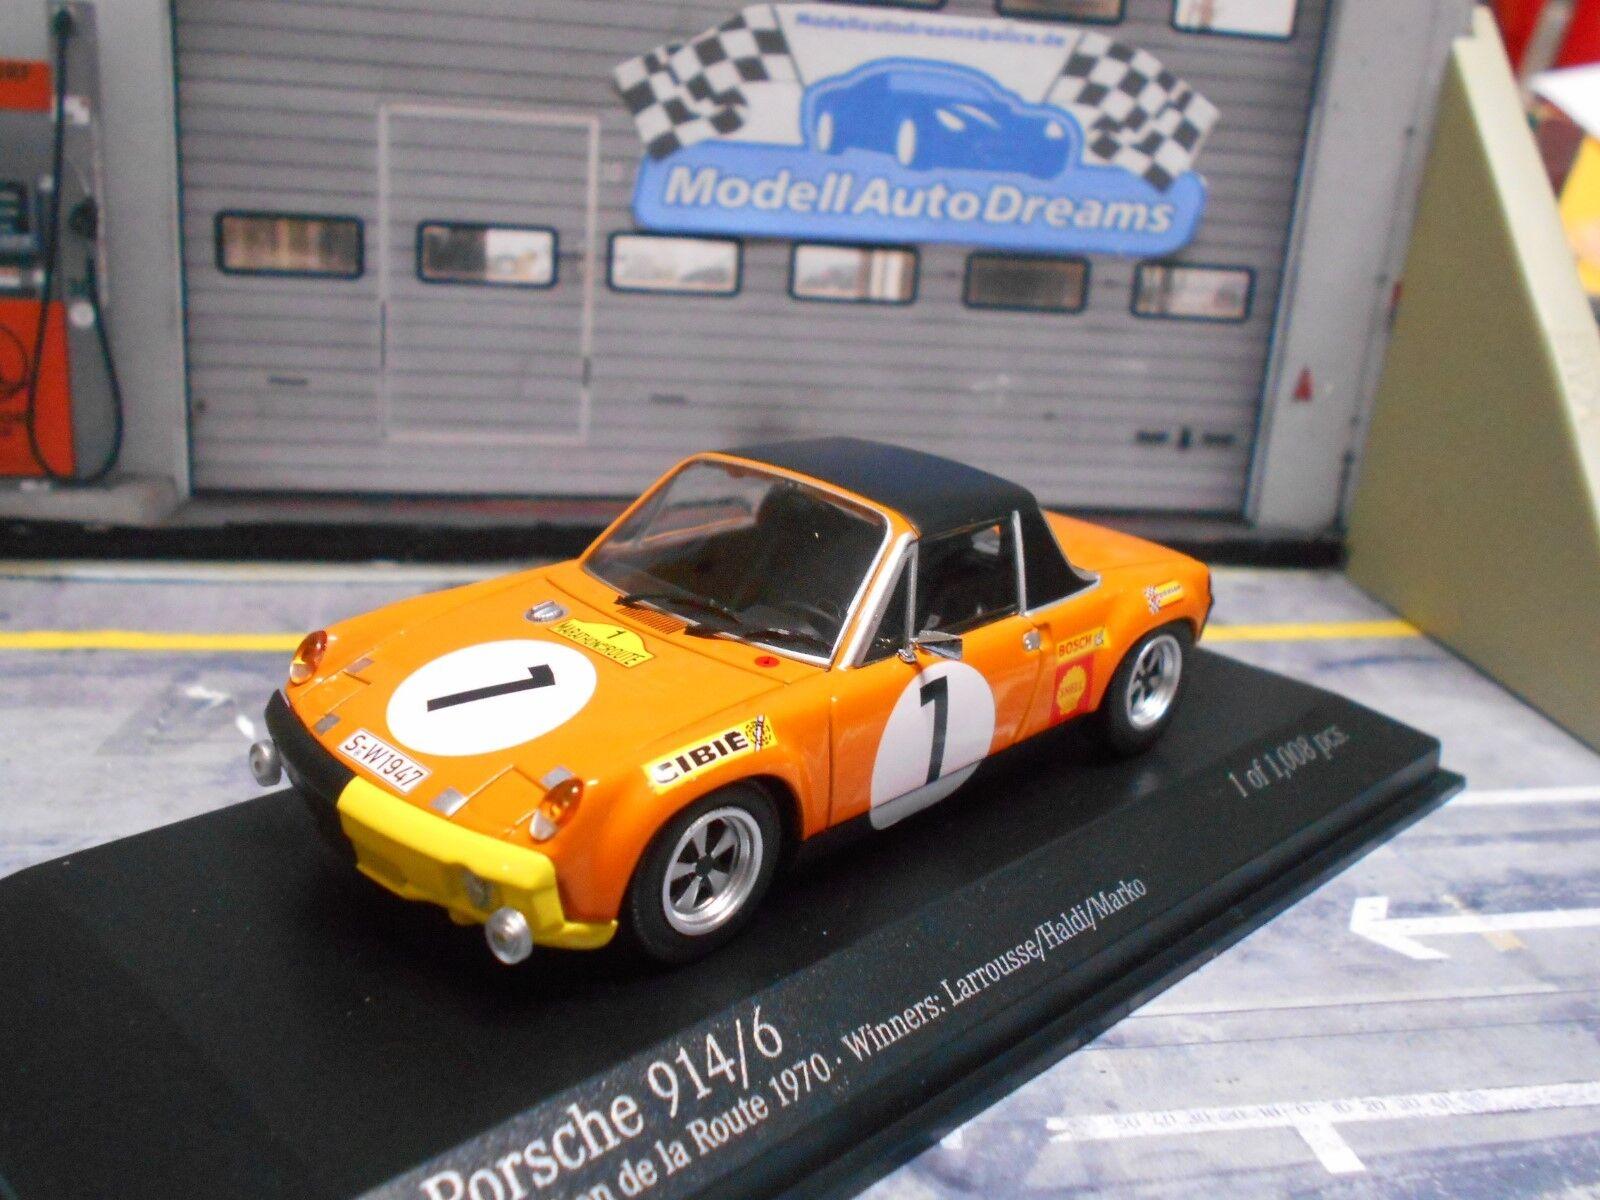 Porsche 914 6 914 6 Rallye  Marathon Route 1970  7 Larrousse HA MINICHAMPS 1 43  marque célèbre